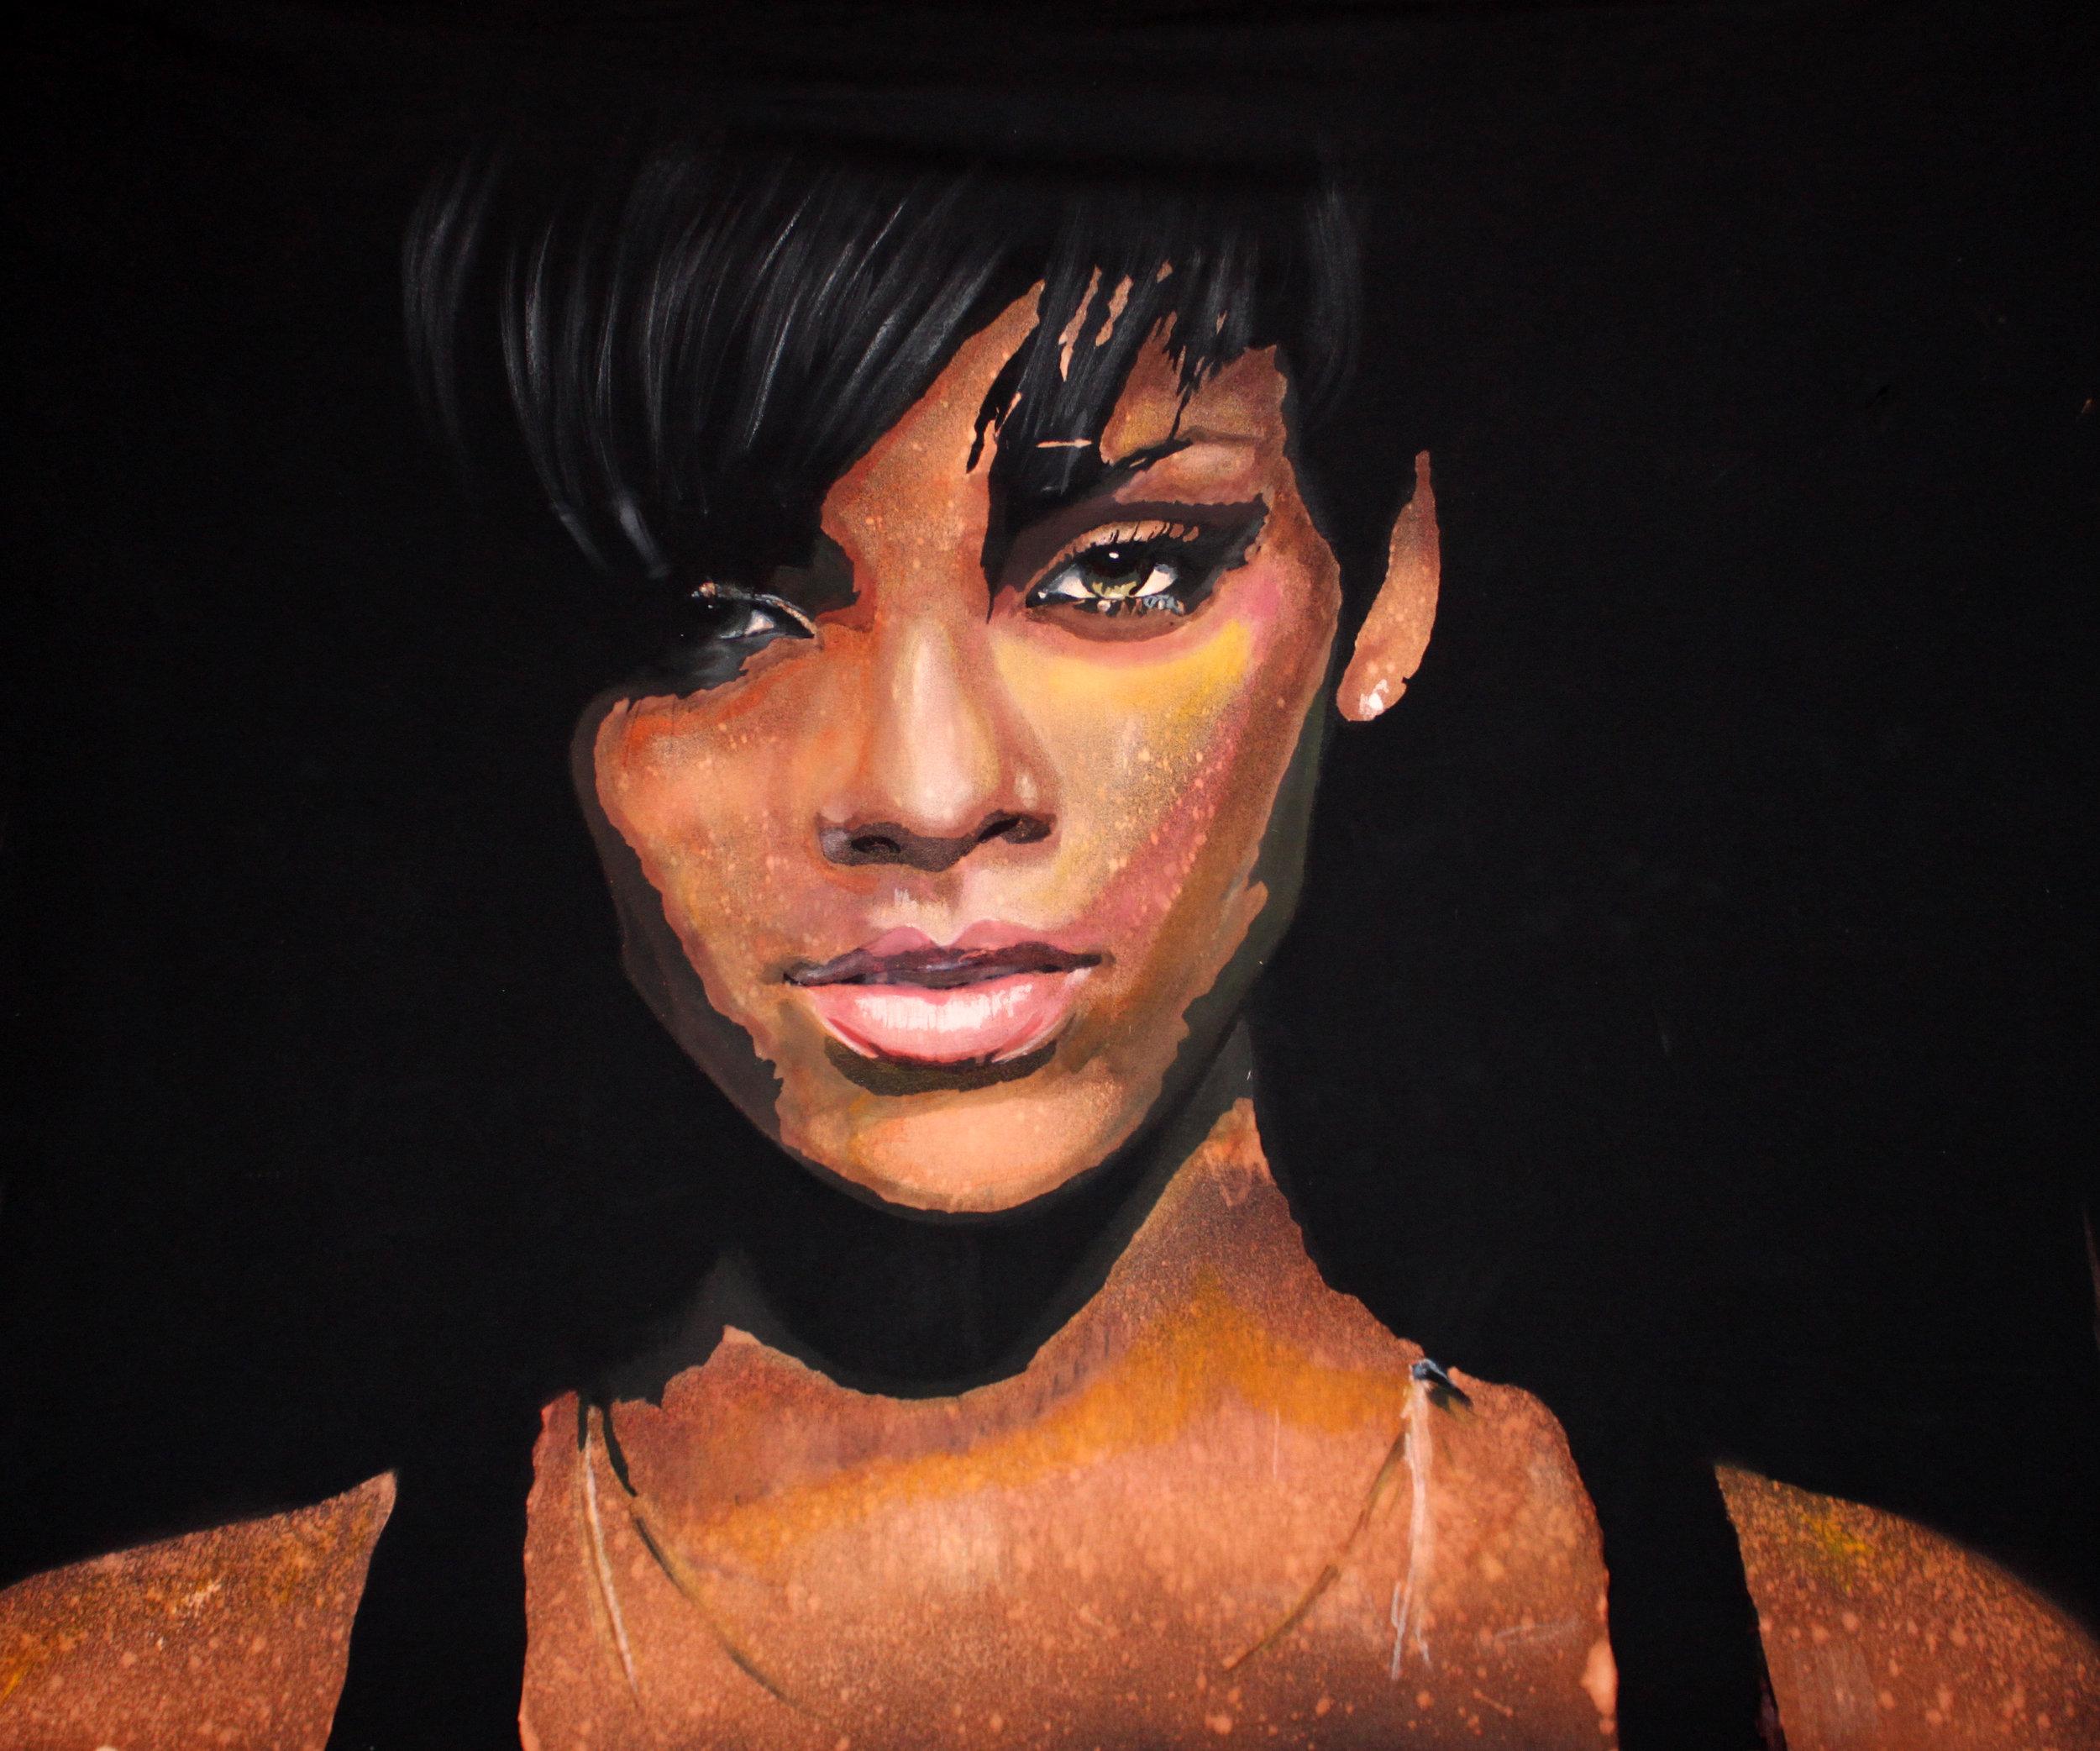 work of art featuring Rihanna's face